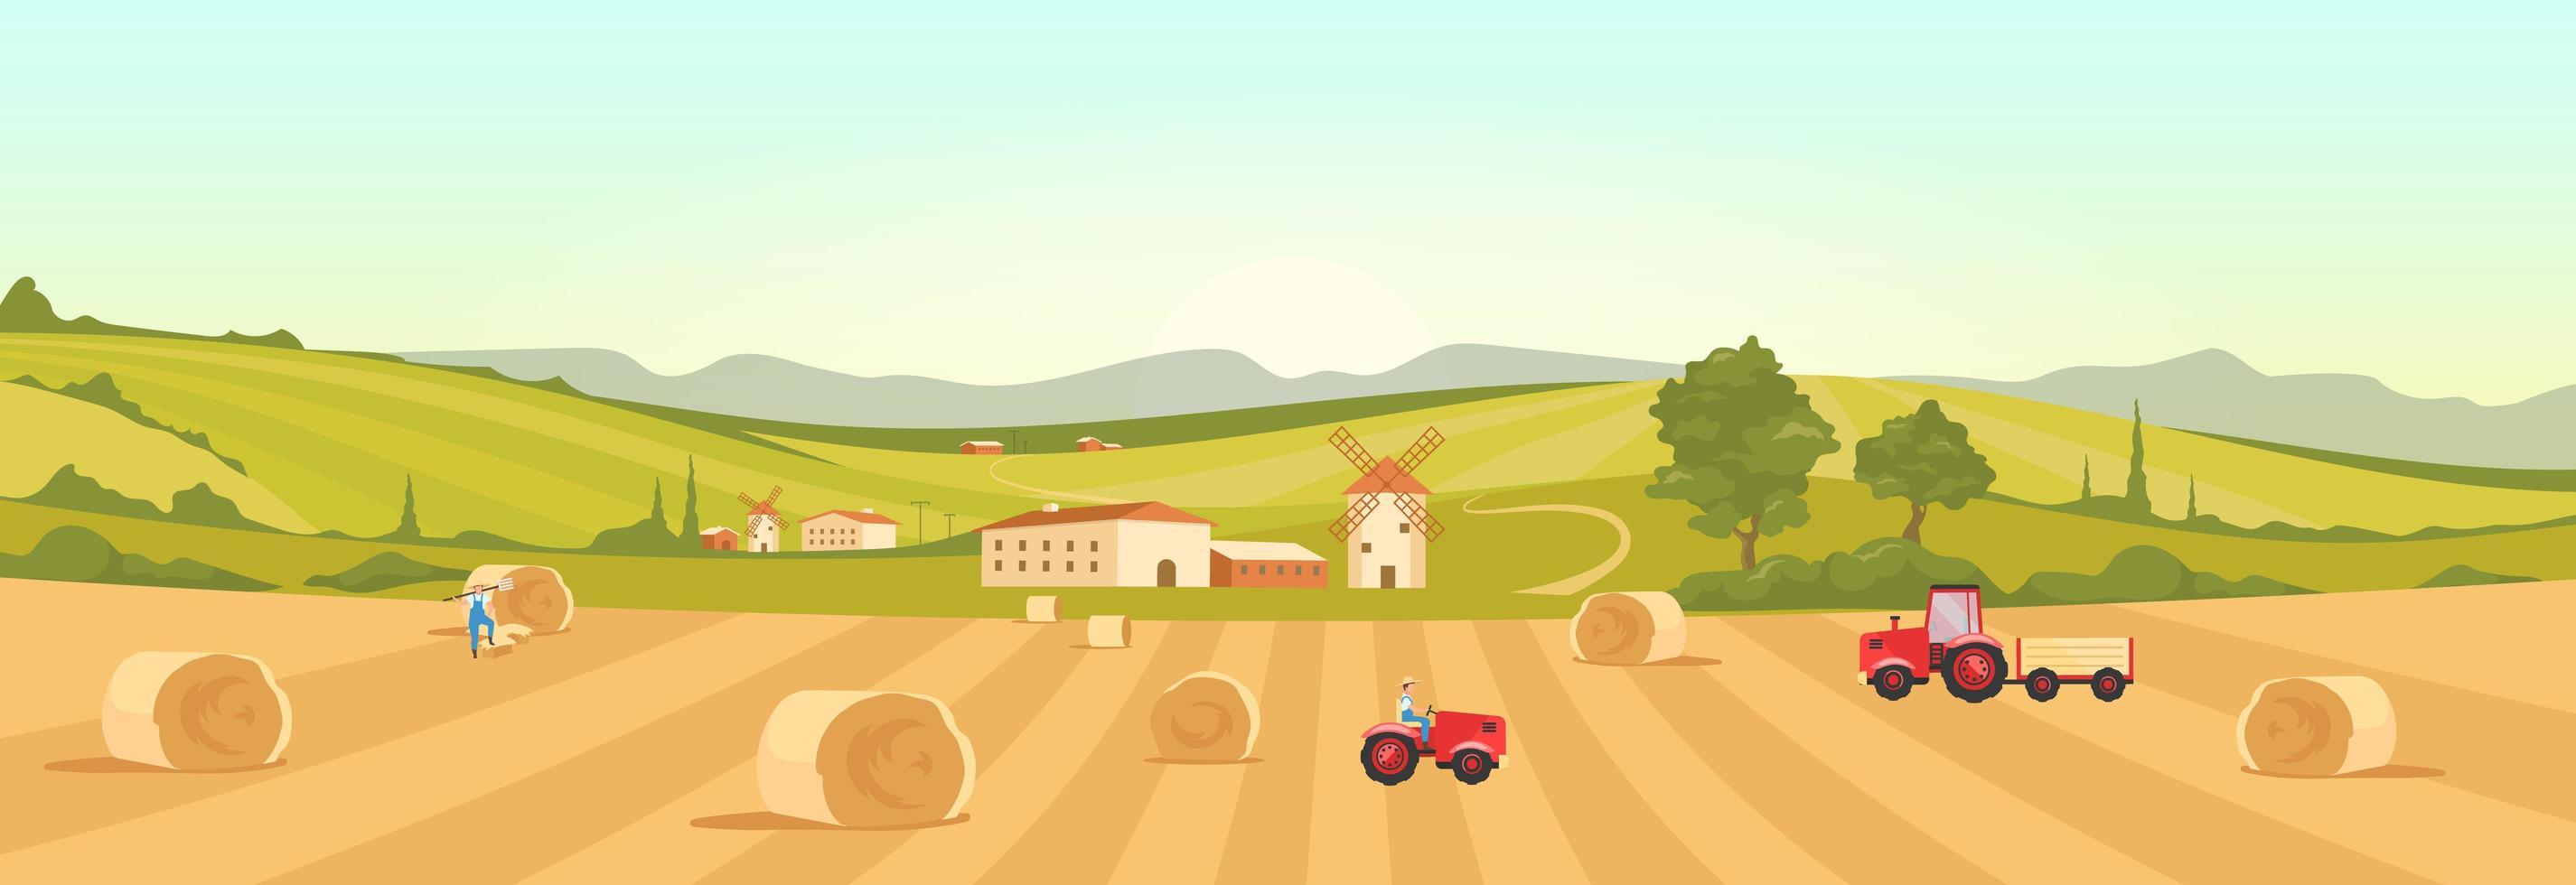 werken op de landbouwgrond vector